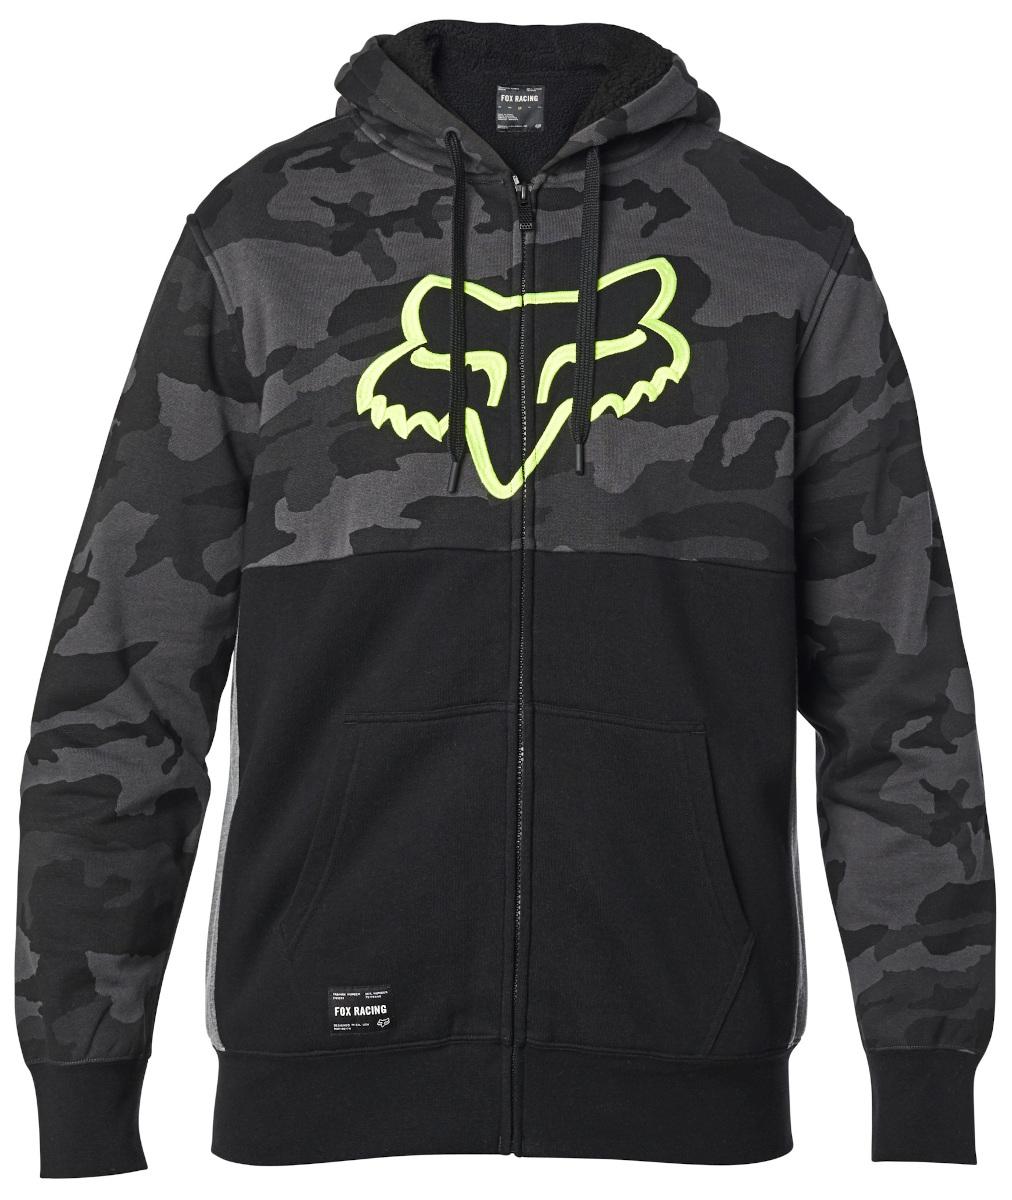 Fox Rebound Sherpa Zip Fleece Hoodie Black Camo